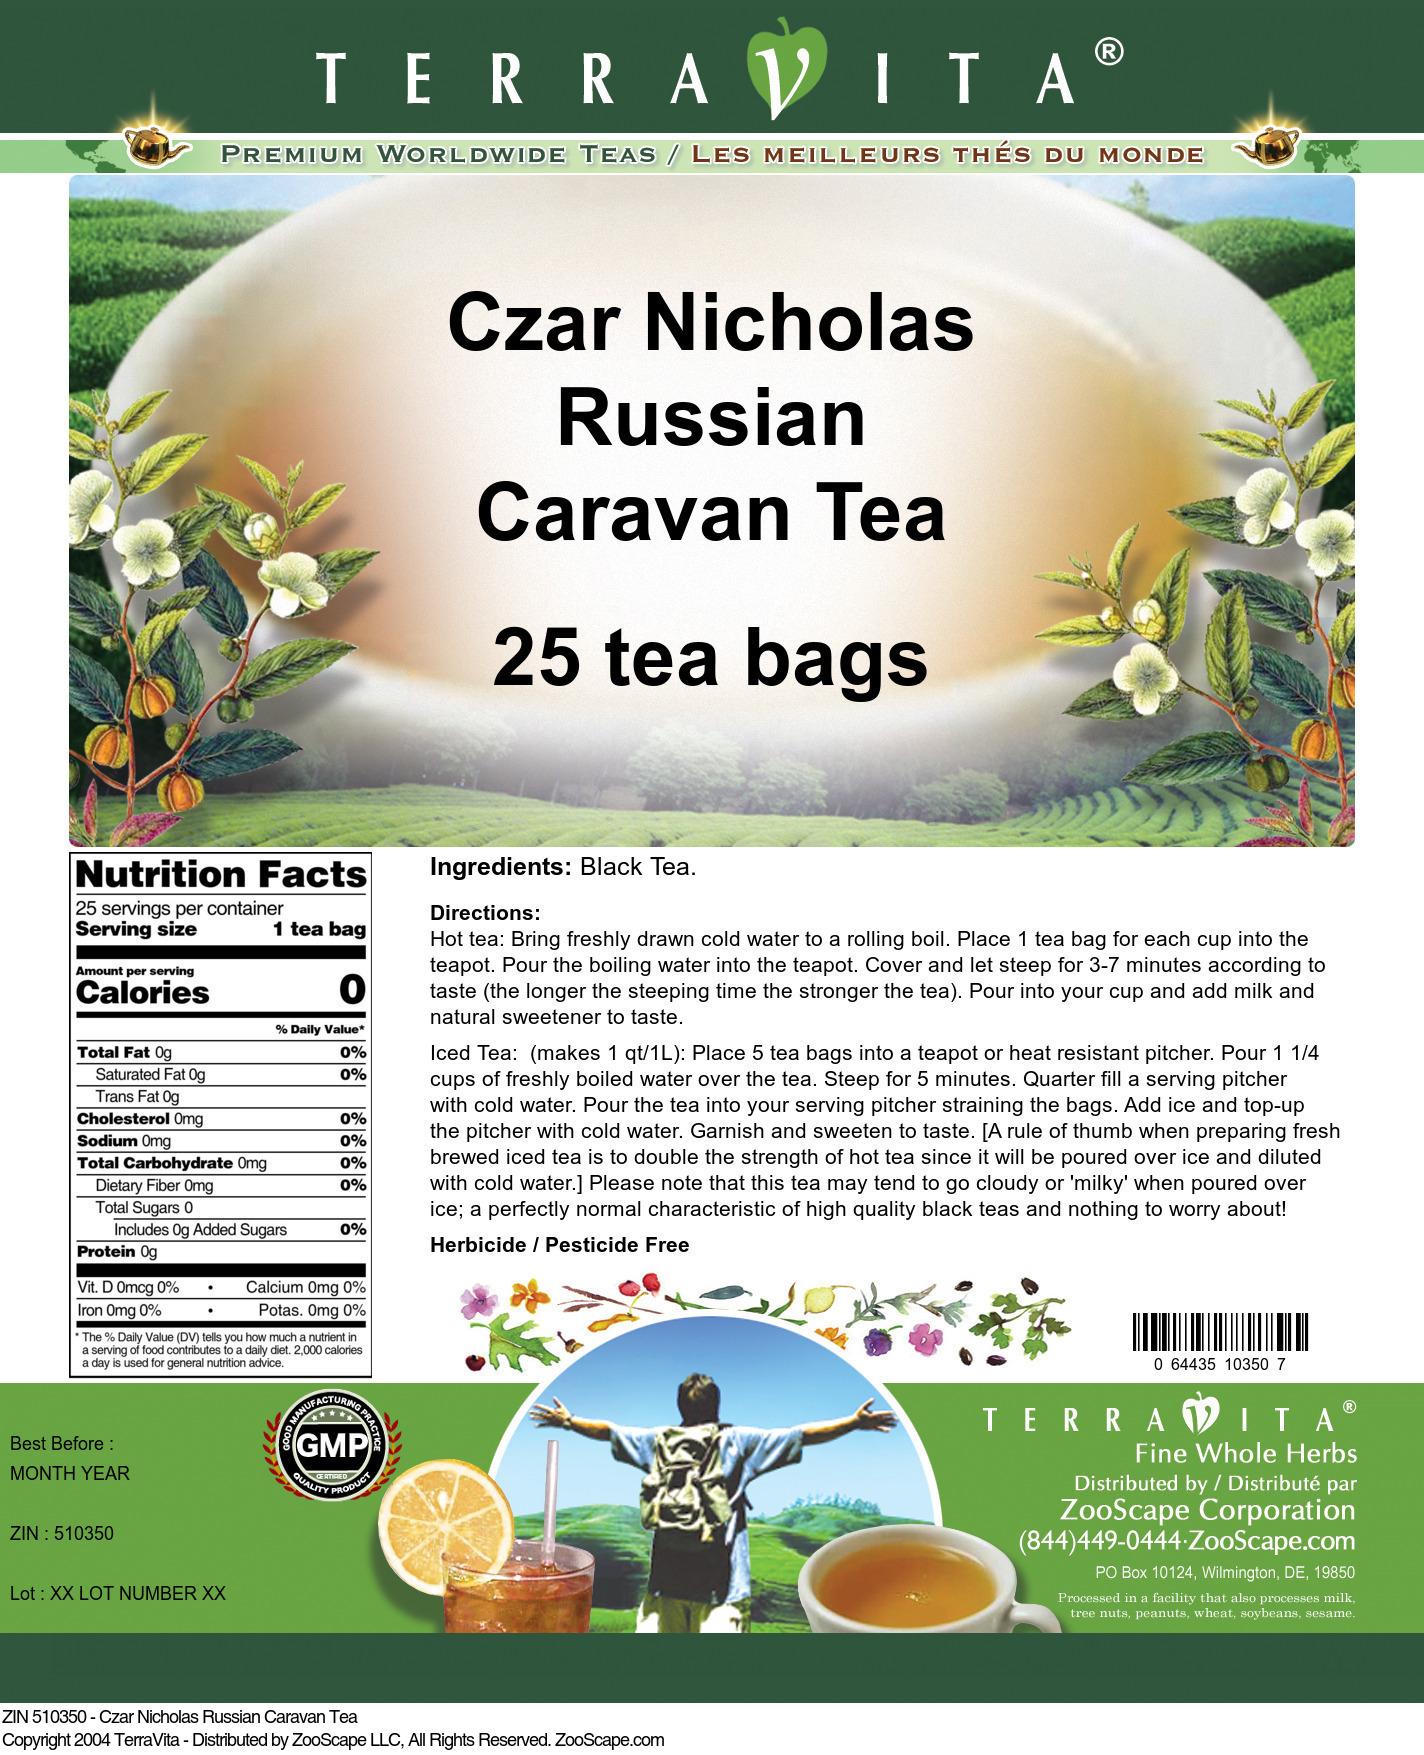 Czar Nicholas Russian Caravan Tea